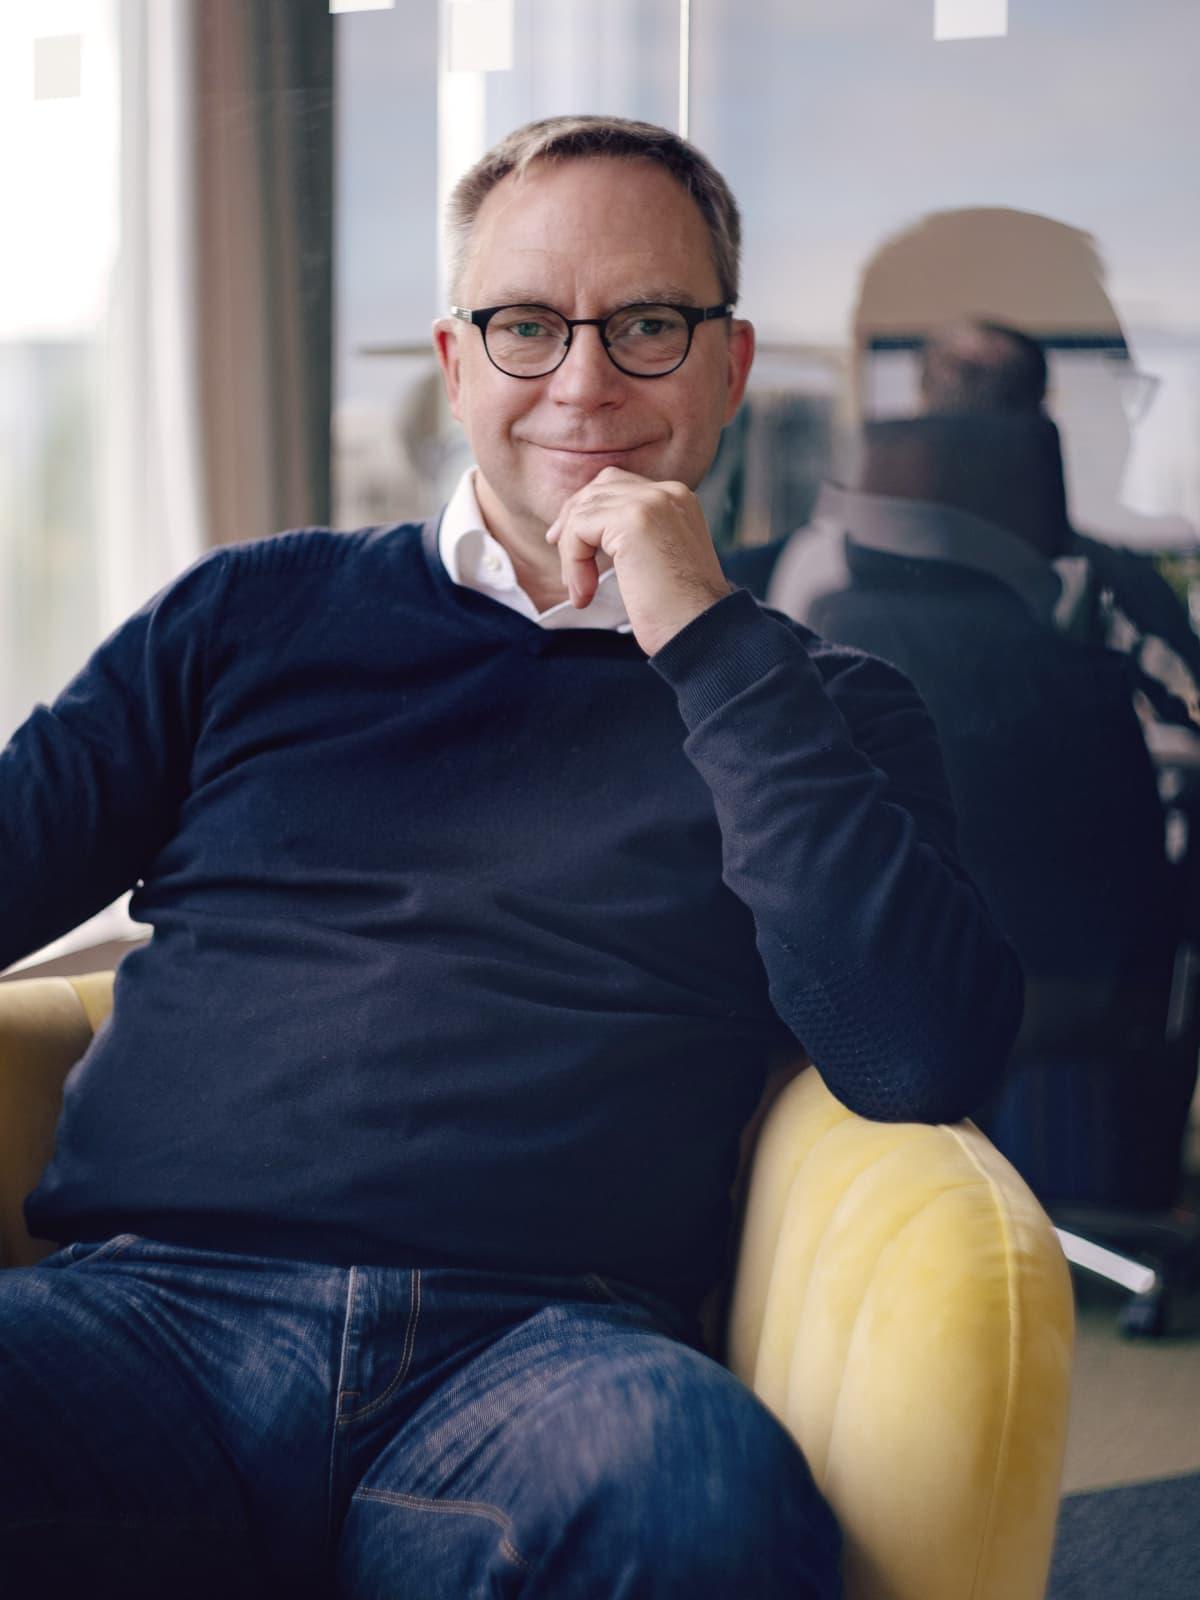 Image of Xolo's CEO Allan Martinson